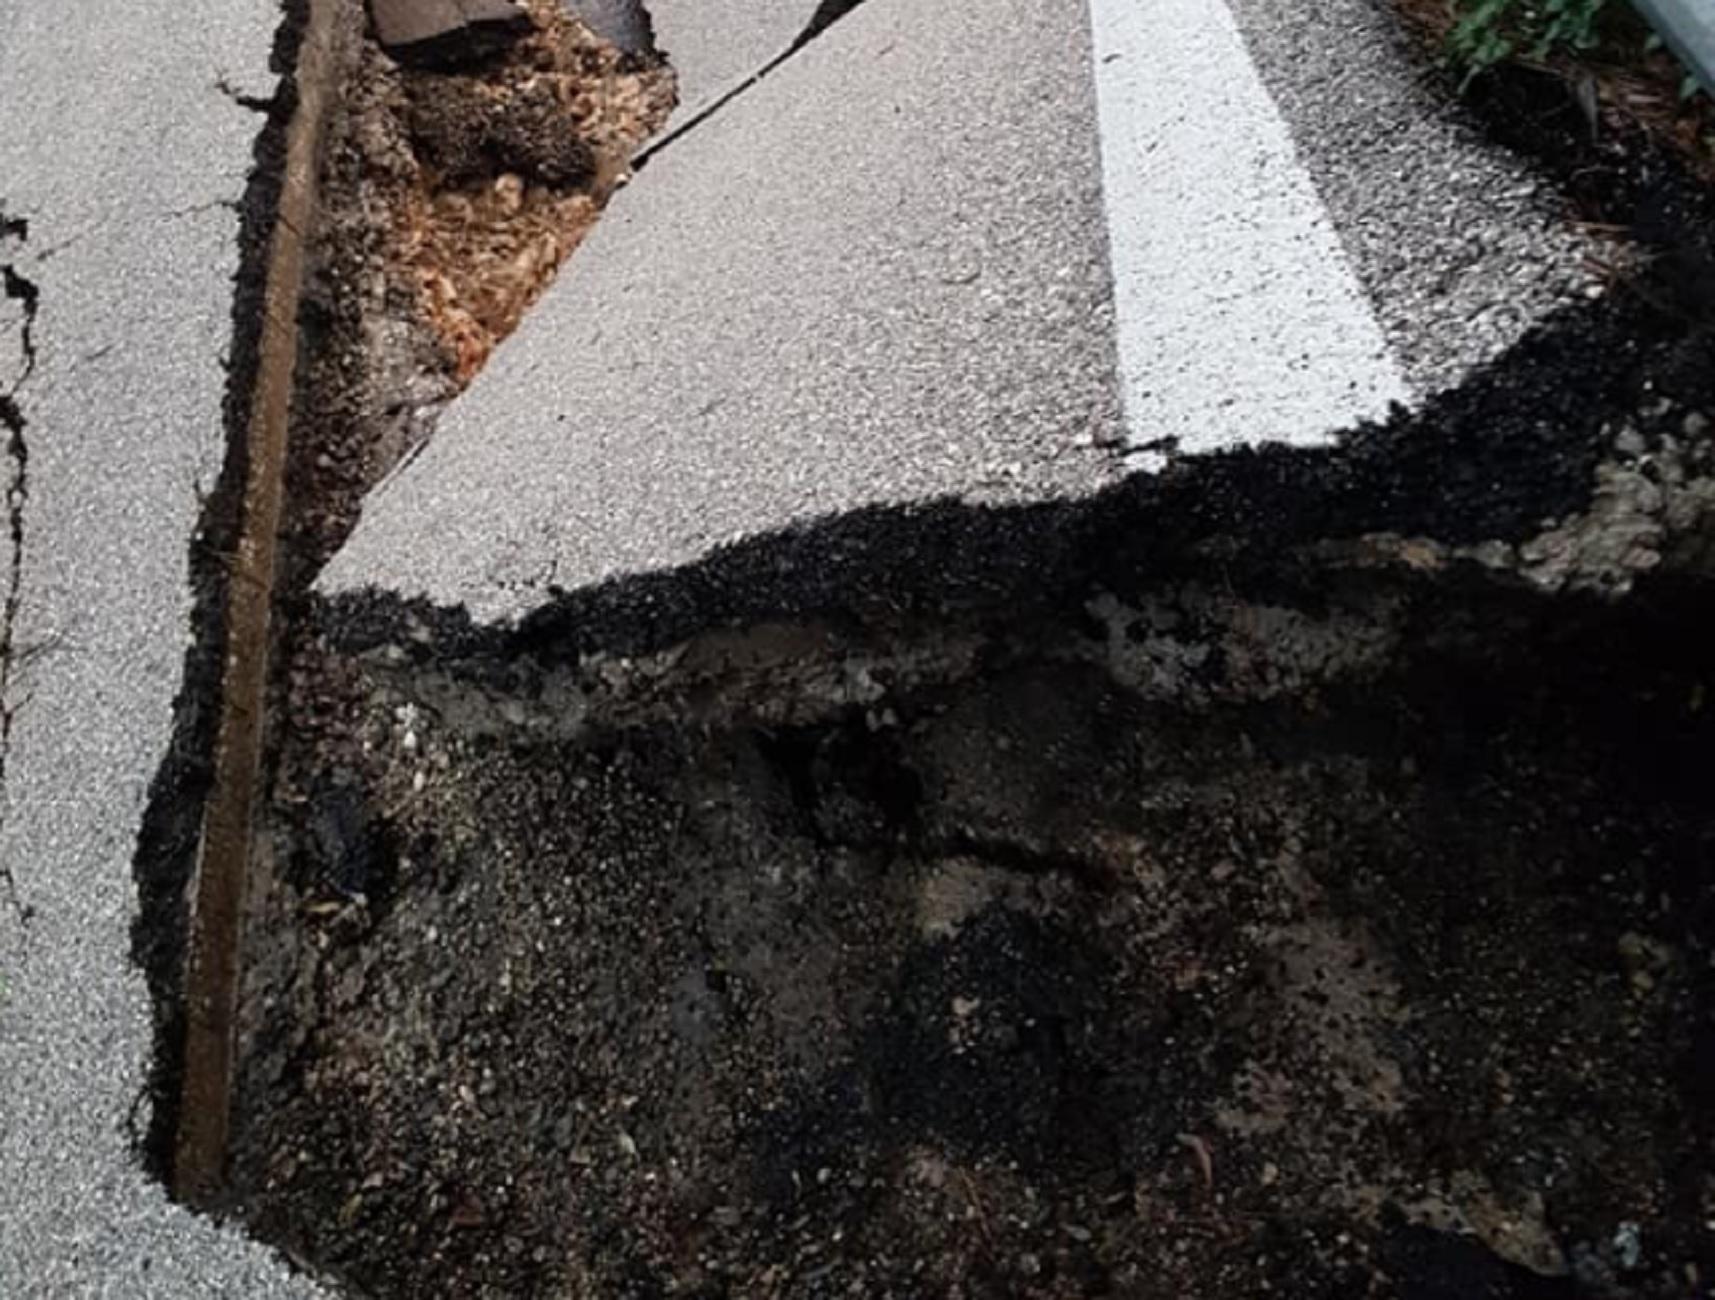 Ιθάκη: Κόβουν την ανάσα οι εικόνες από τον δρόμο που διαλύθηκε – Δείτε τις νέες πληγές της κακοκαιρίας (Φωτό)